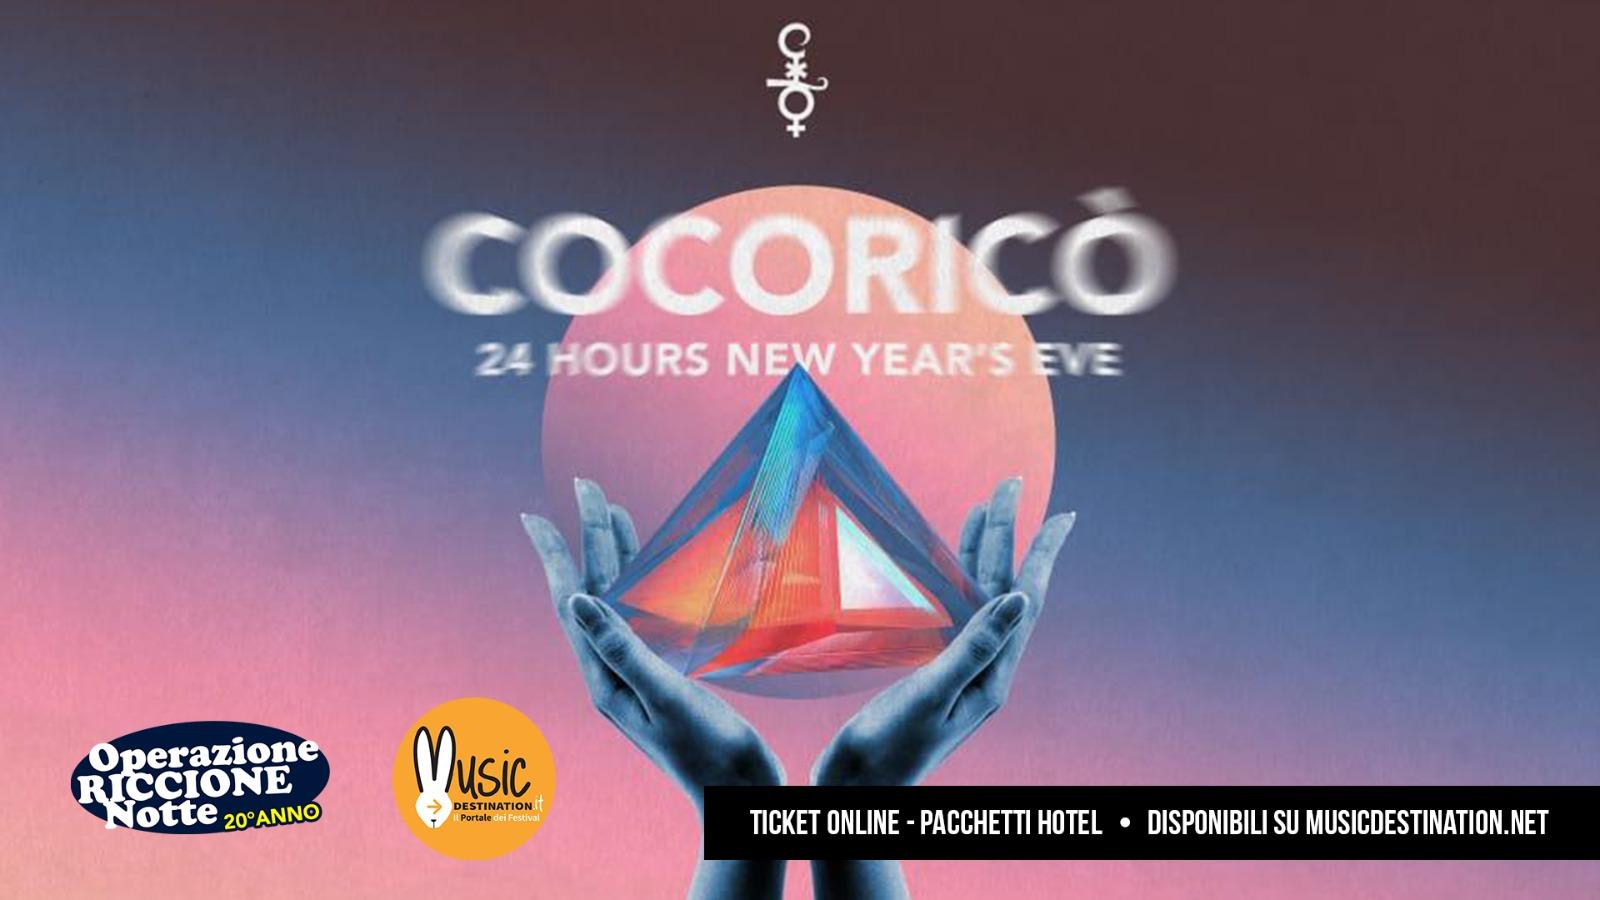 Il Cocoricò a Capodanno esagera e….dà i numeri, 30 DJ e 24 ore!